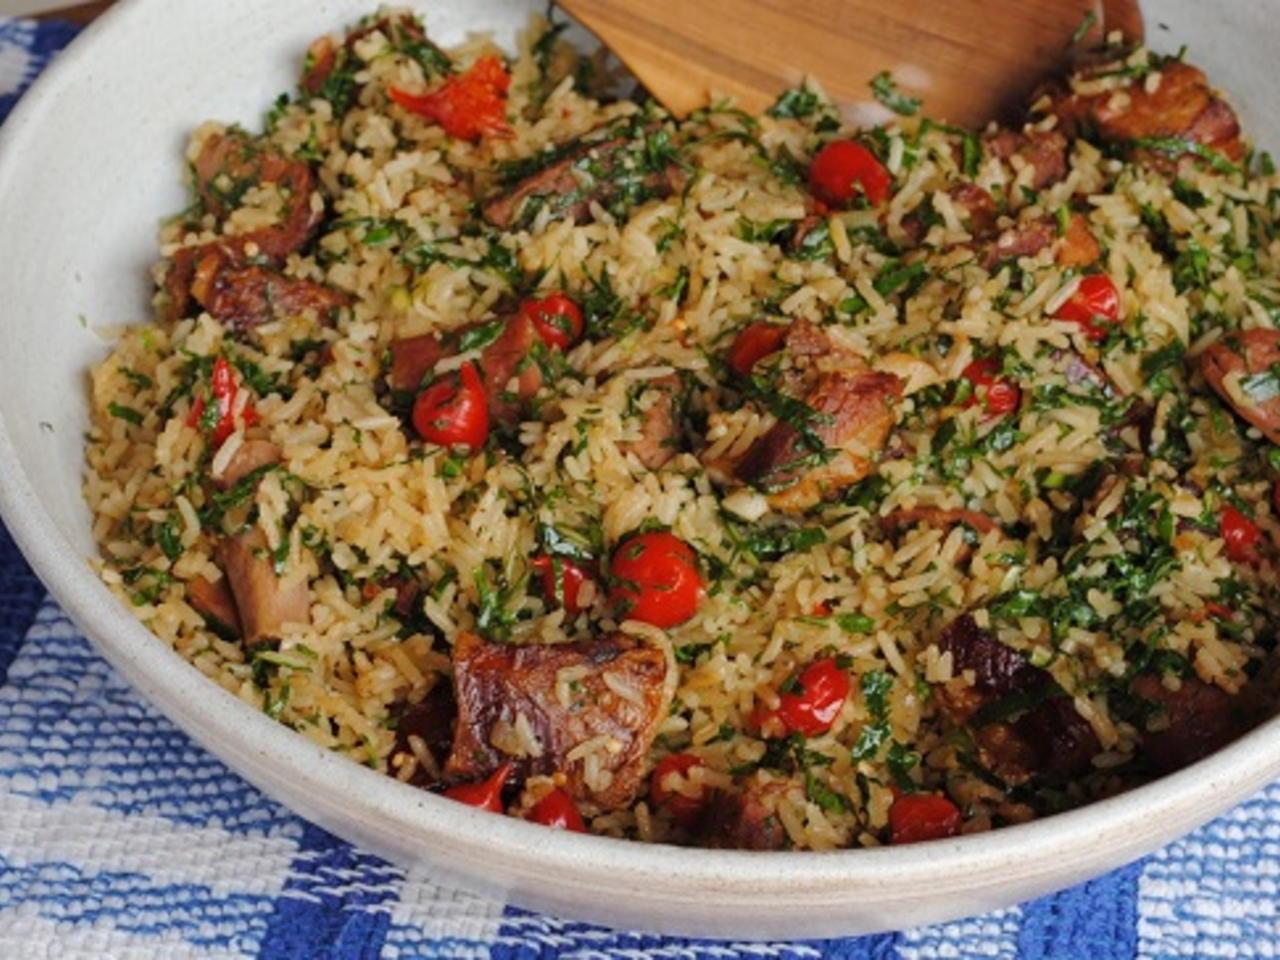 Costelada com arroz